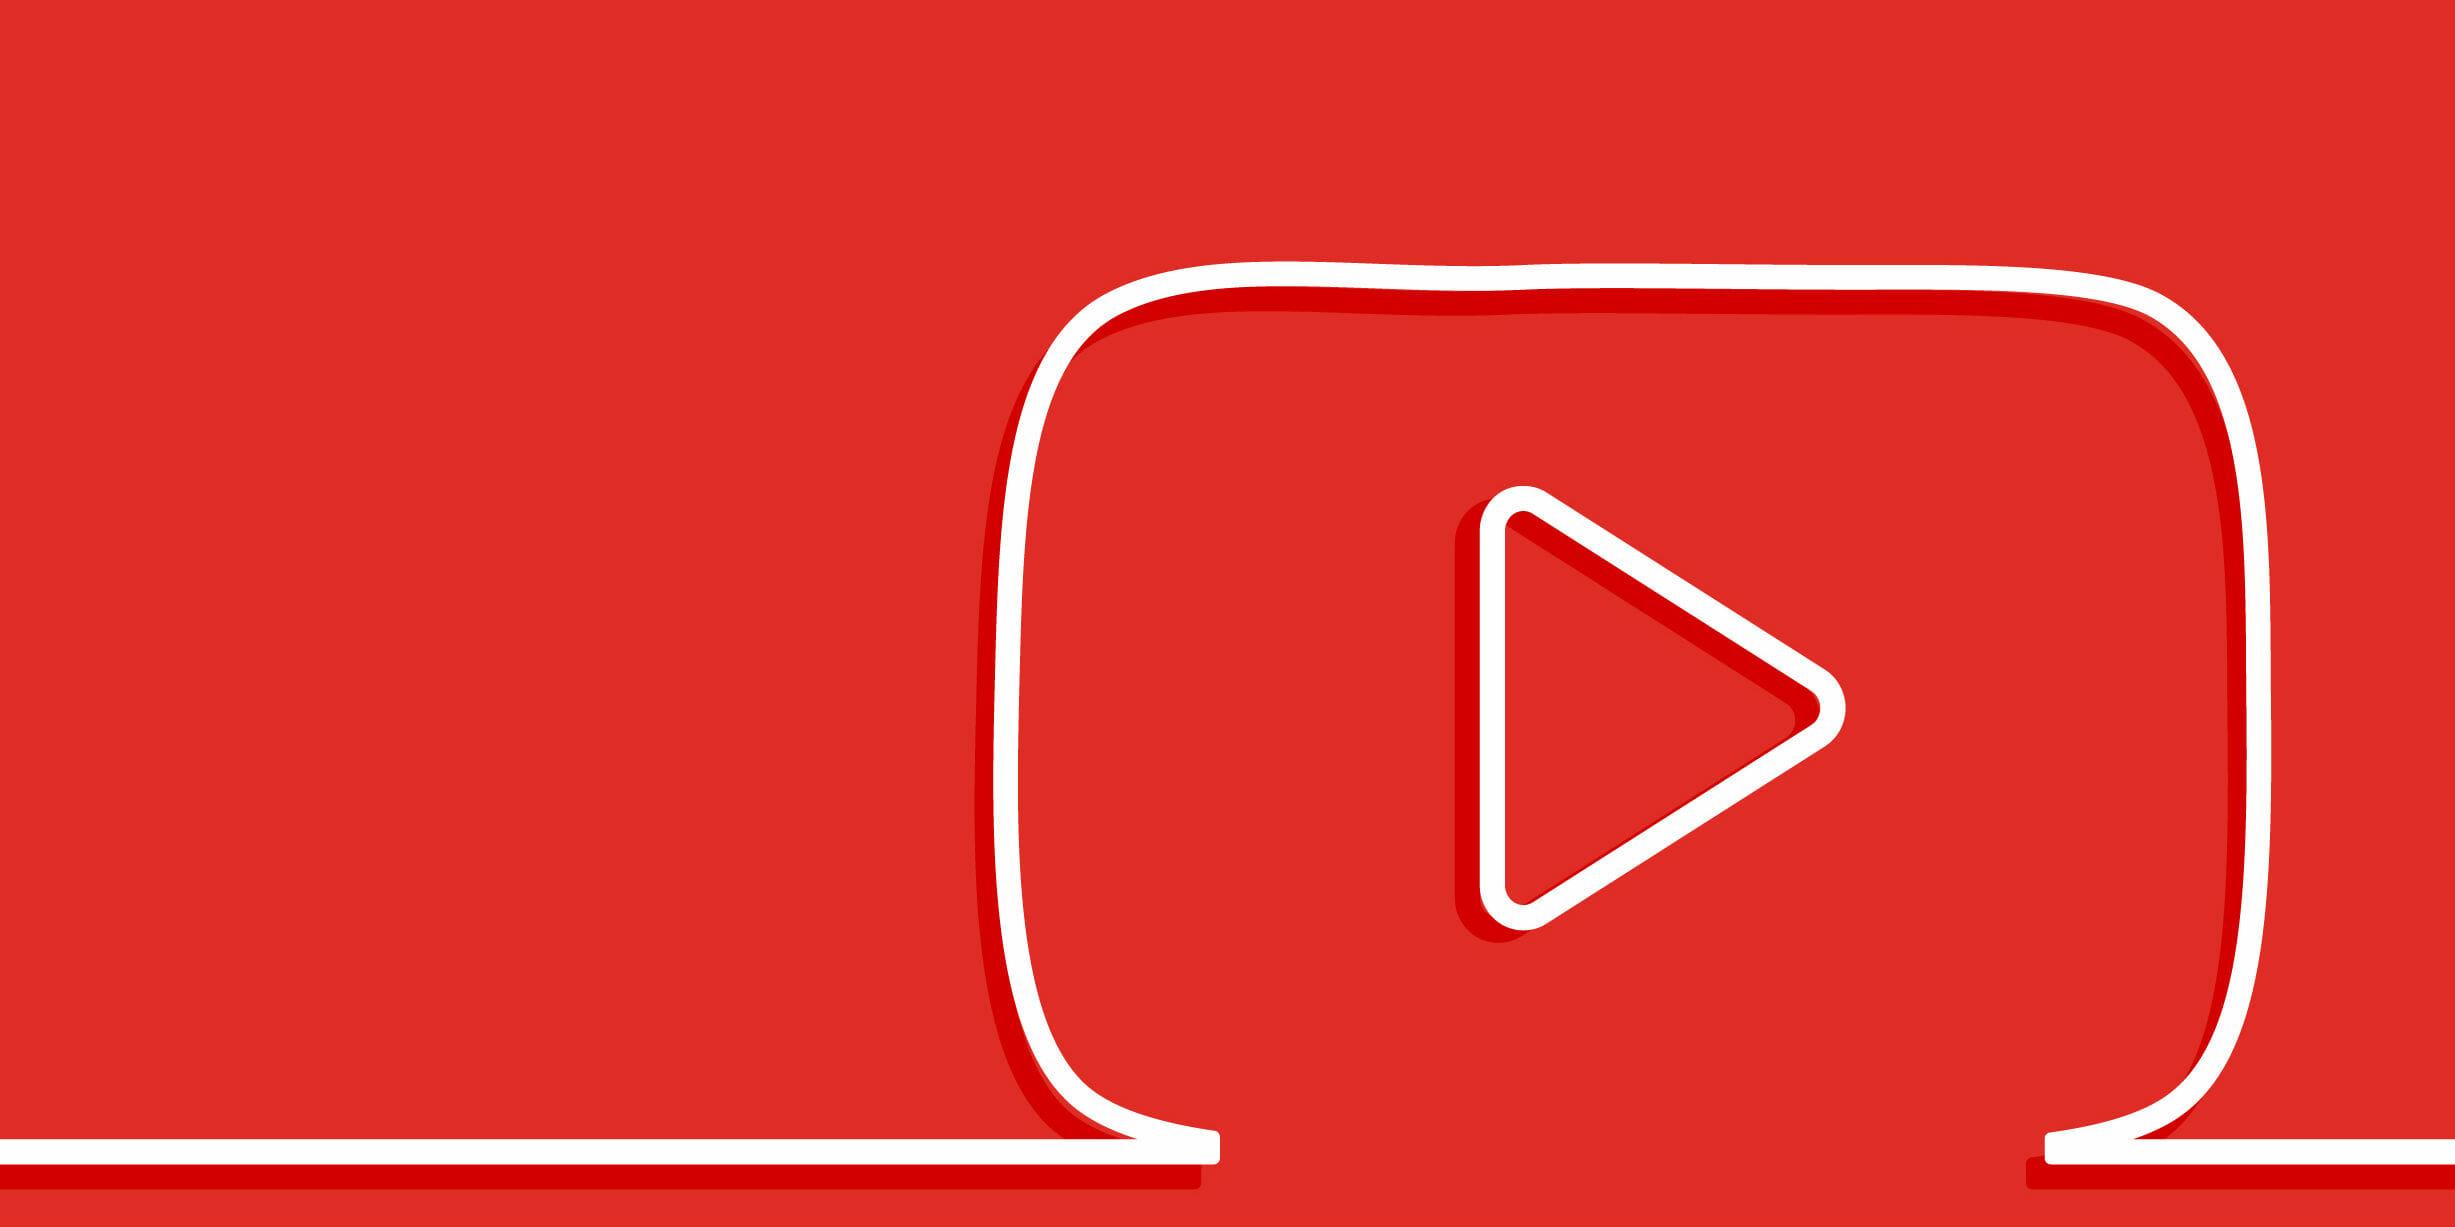 YouTube Premium 订阅指南,每月最低仅需 3 元